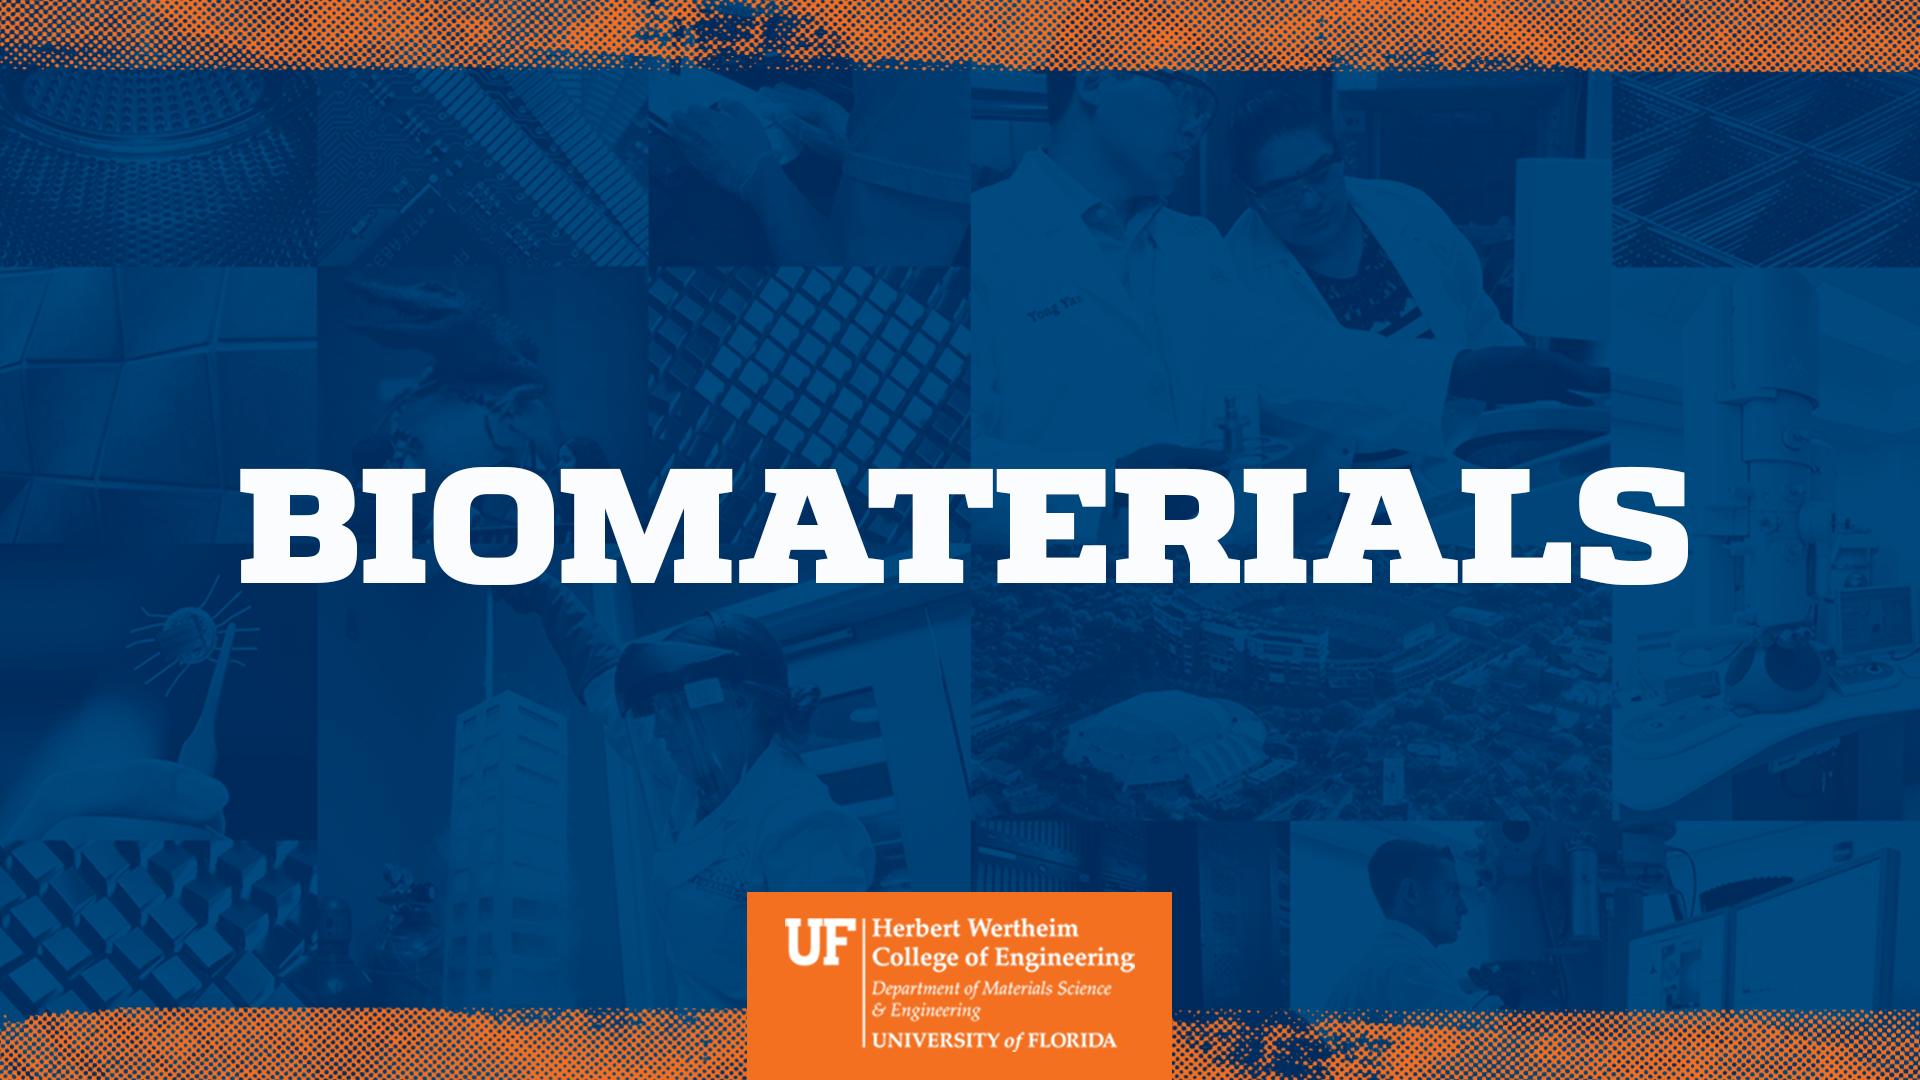 UF MSE Biomaterials